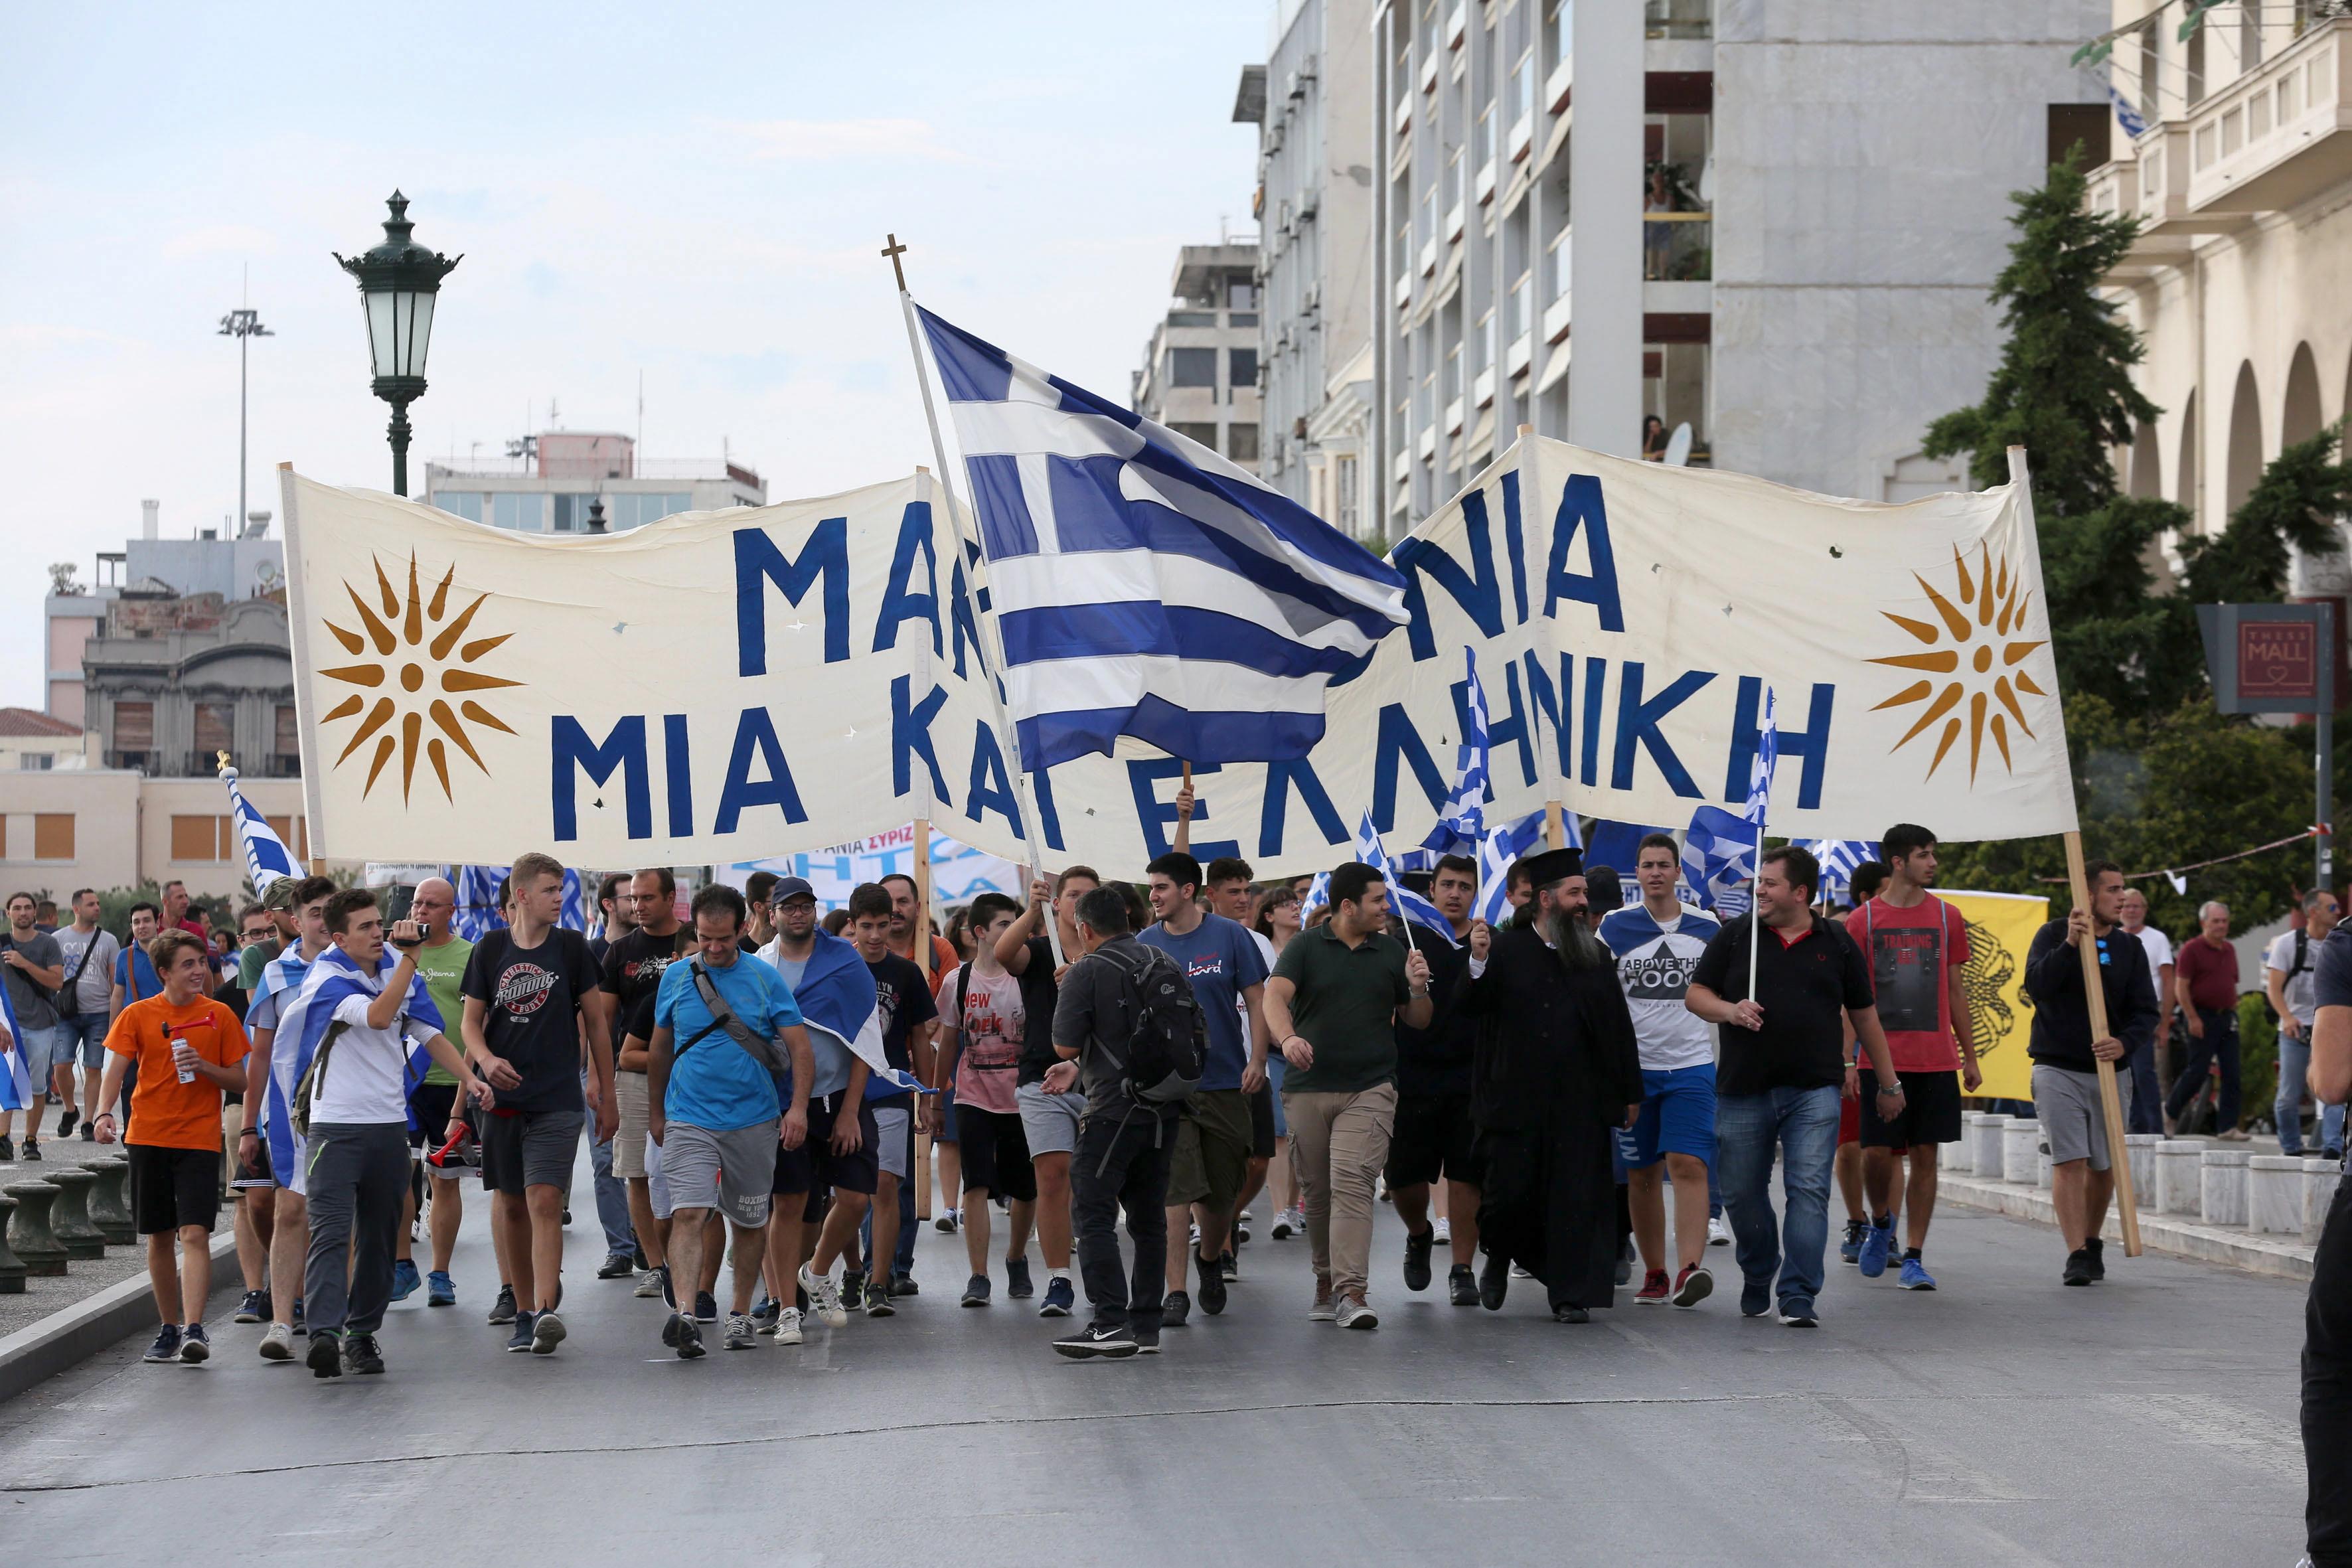 Grčka policija ispalila suzavac na prosvjednike zbog imena Makedonije